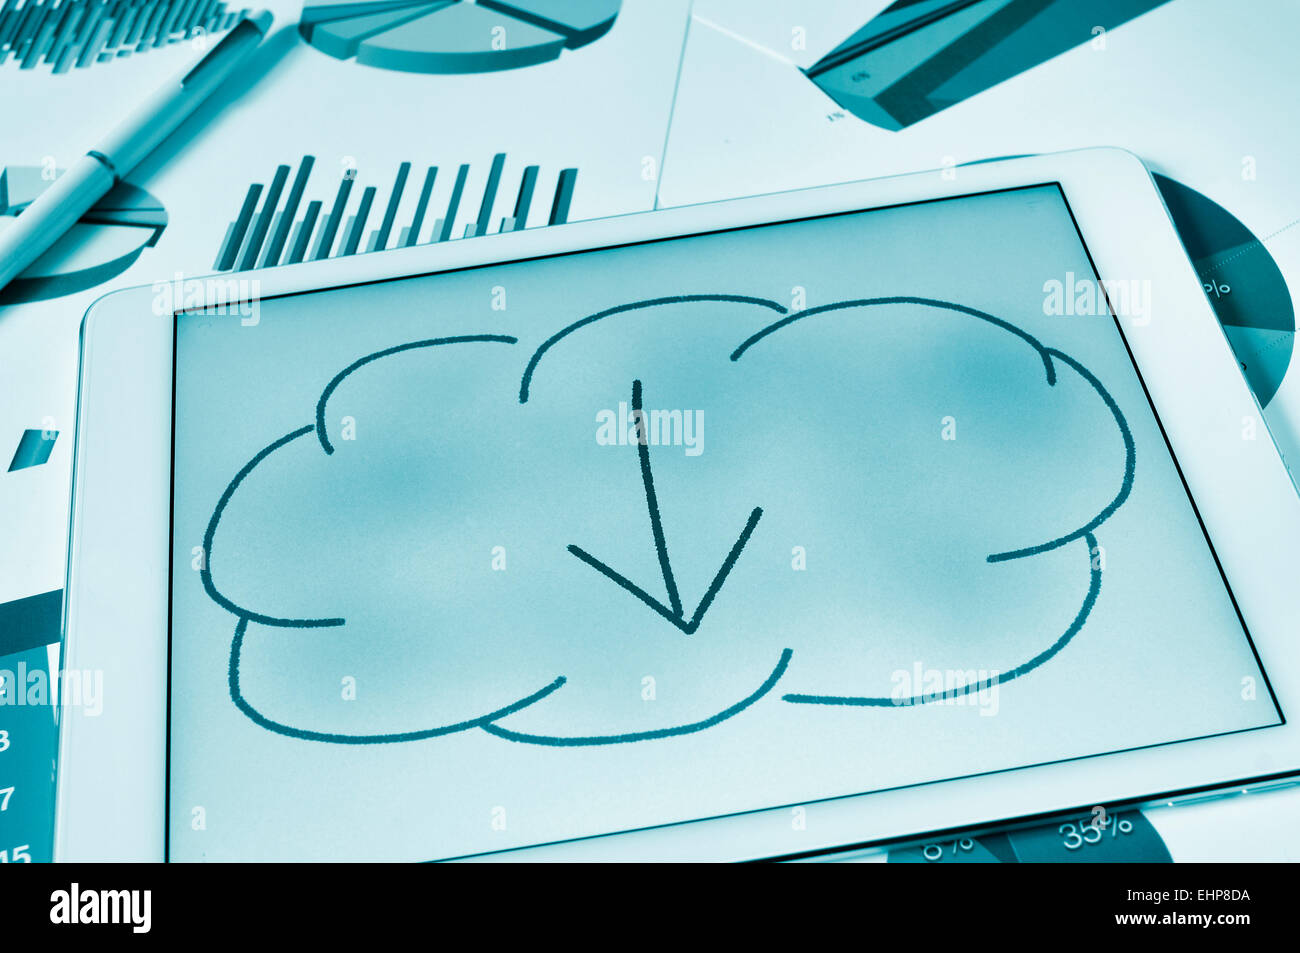 Un dessin d'un nuage avec une flèche à l'intérieur sur l'écran d'une tablette, Photo Stock